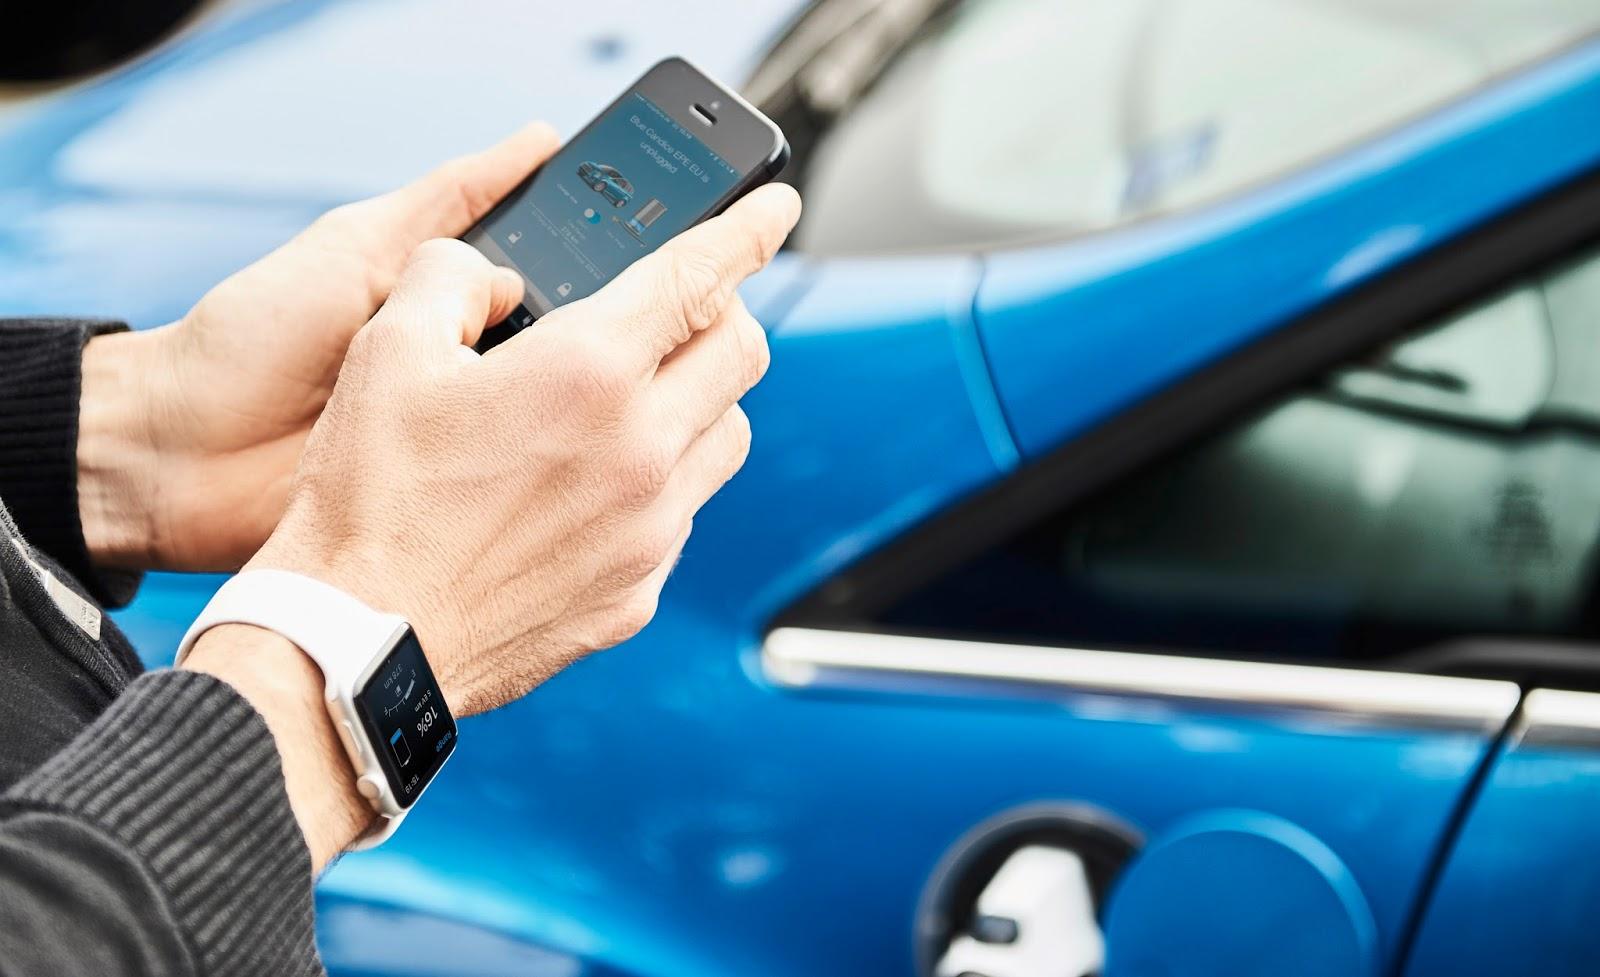 4 MyFordMobile charging Χρησιμοποιείστε το smartwatch σας για να τσεκάρετε το ηλεκτρικό σας αυτοκίνητο Ford Android Auto, Apple CarPlay, Electric cars, Ford, videos, Τεχνολογία